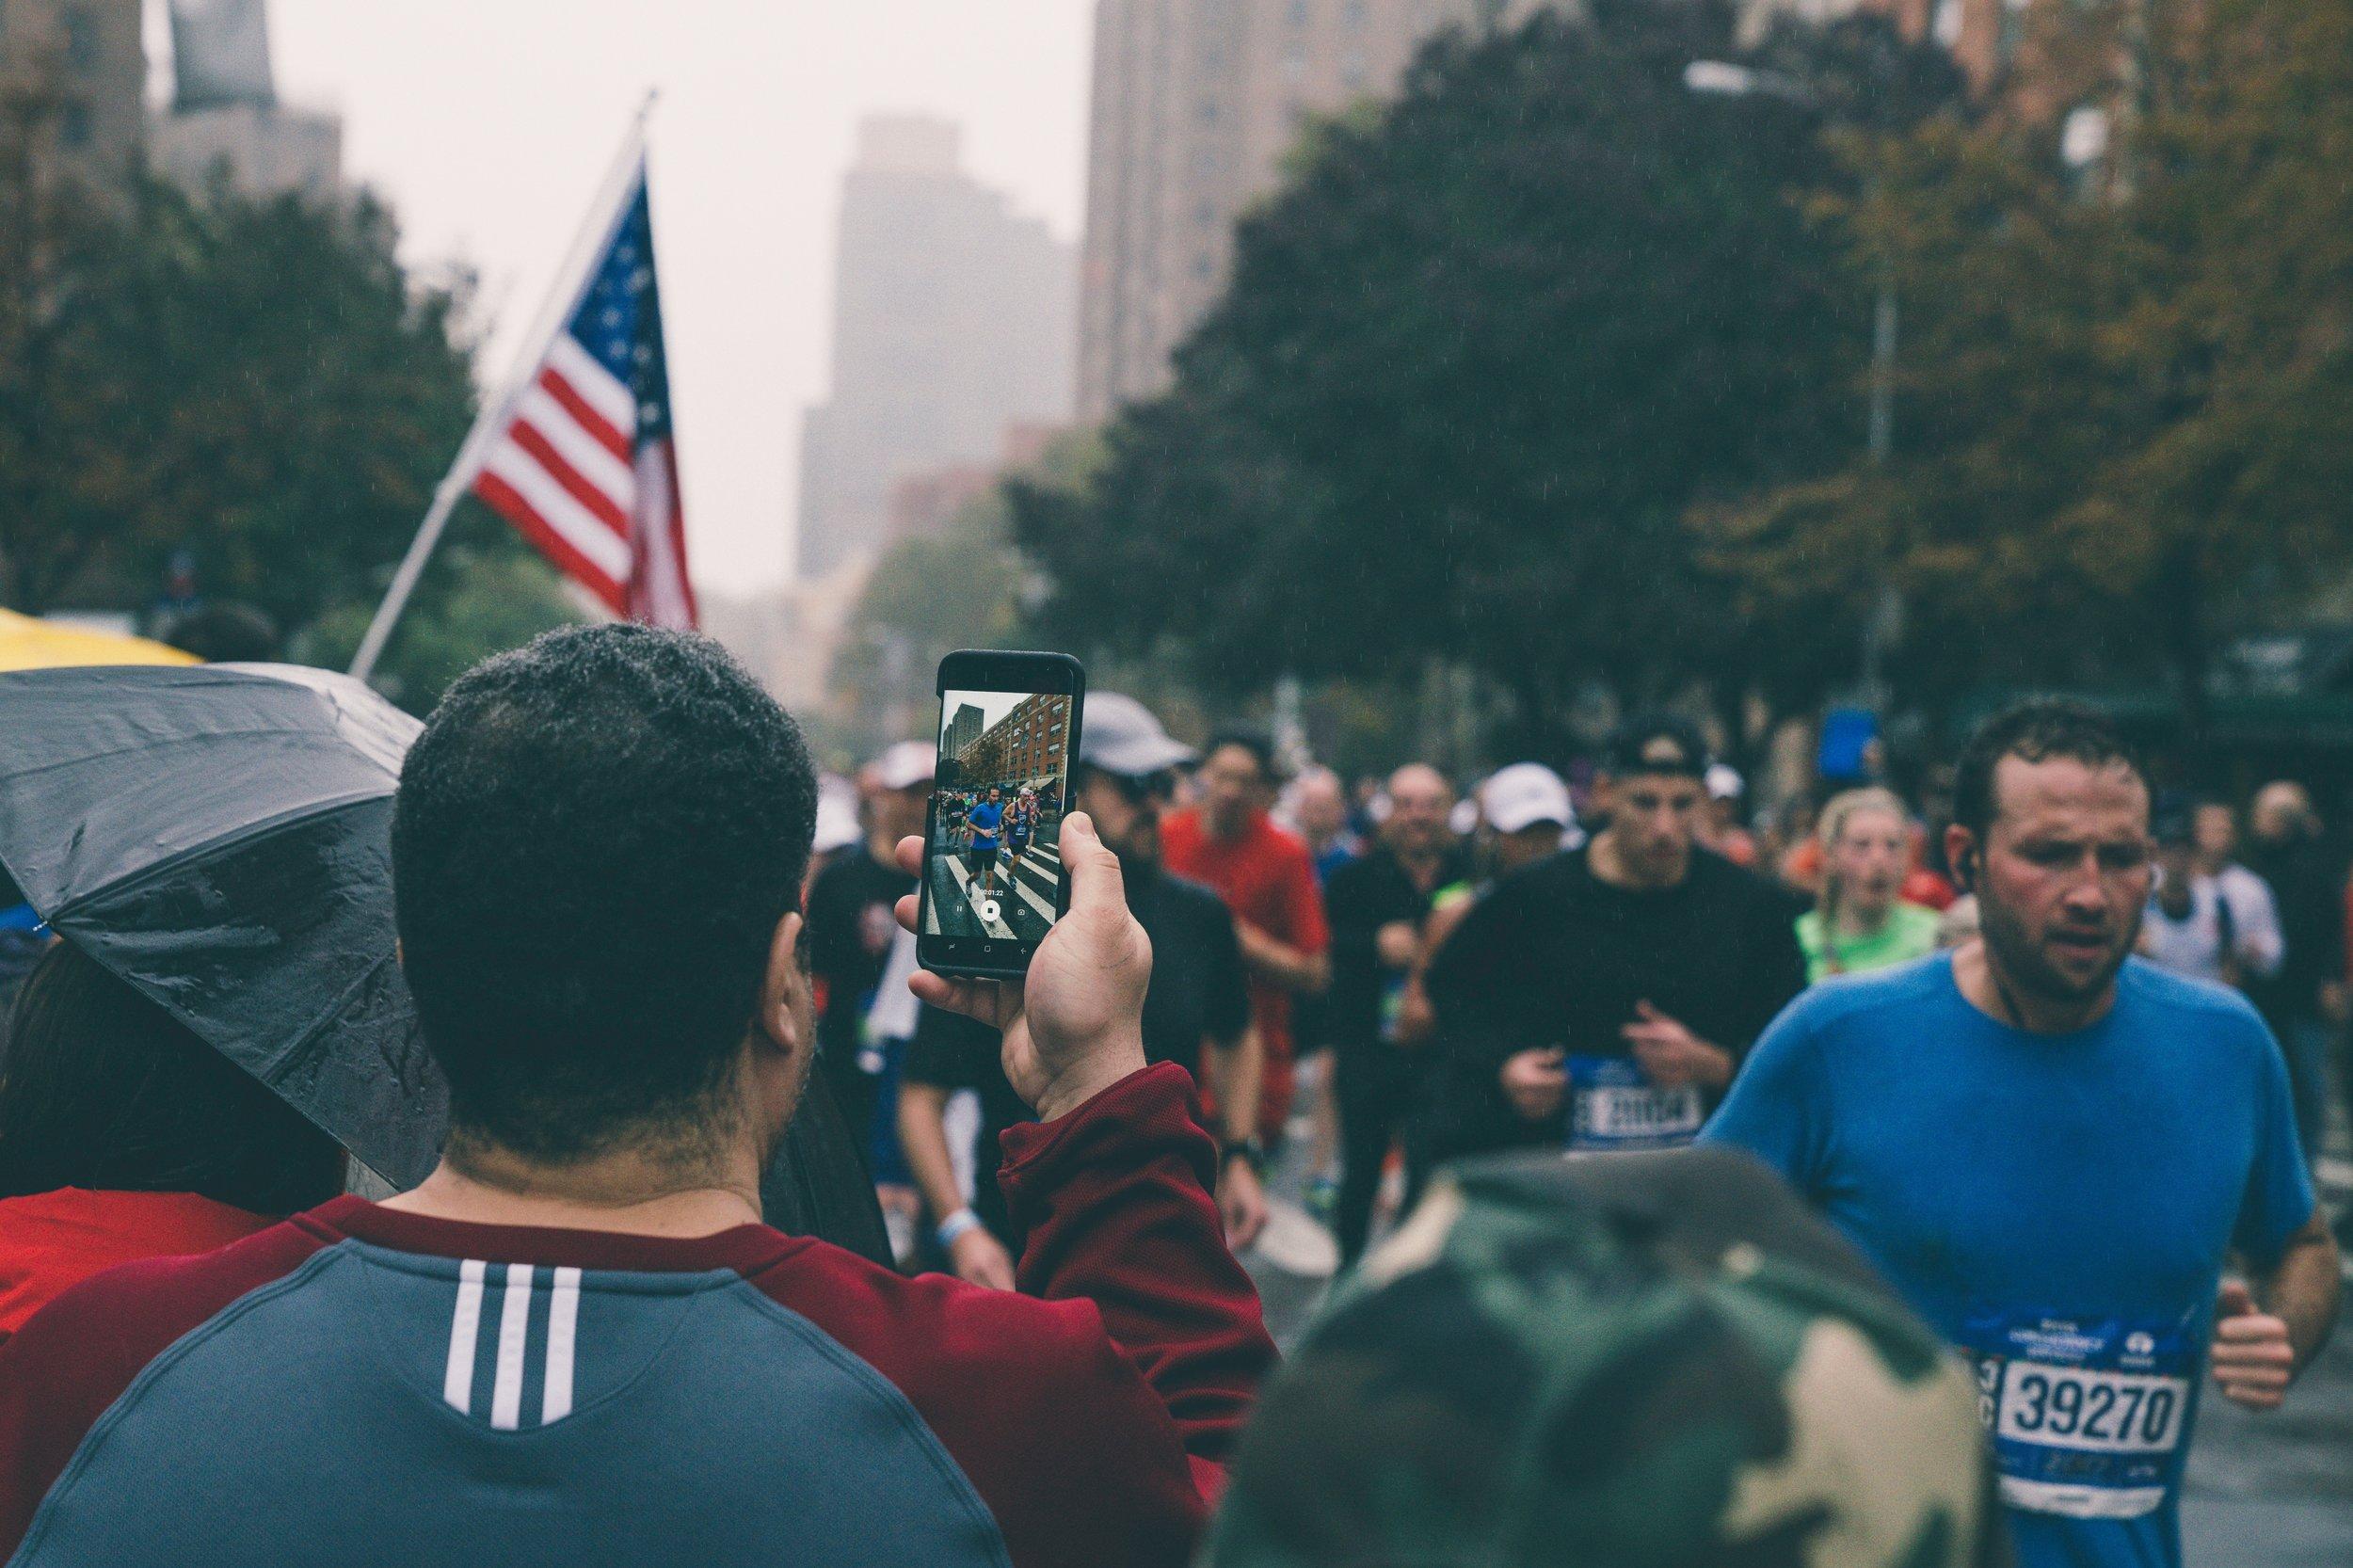 runningyourfirstmarathon.jpg